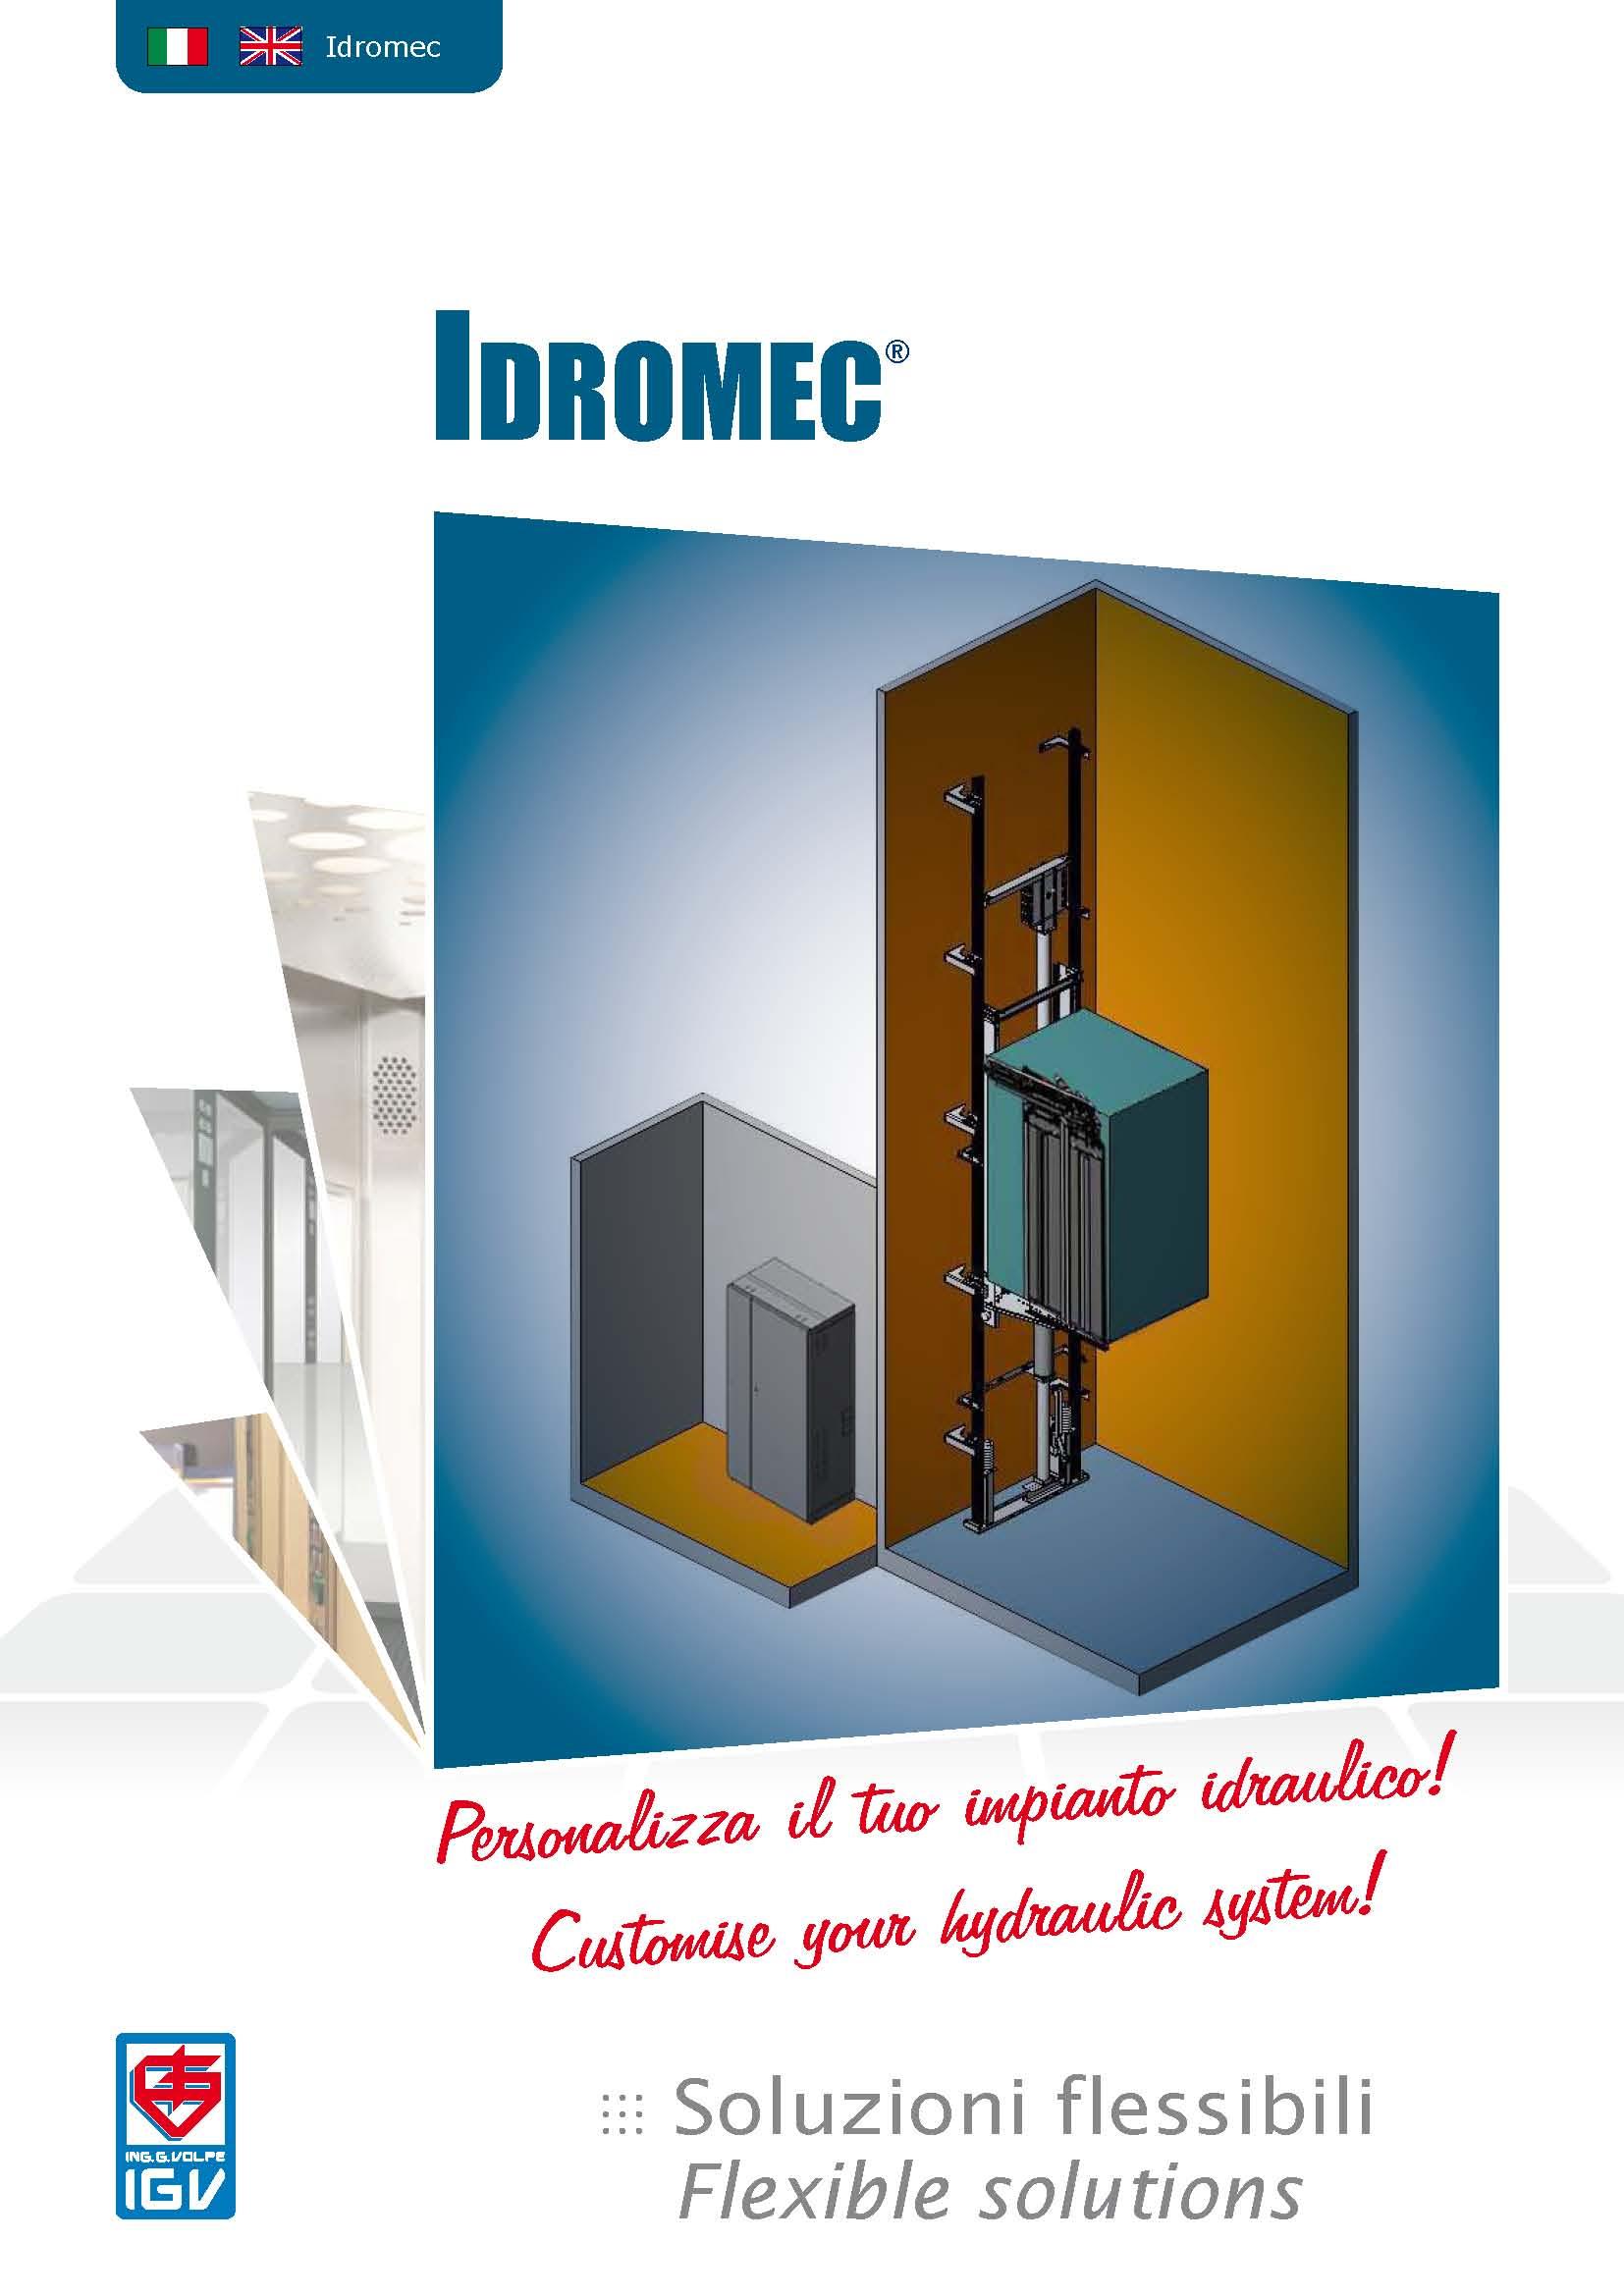 IGV-Idromec_Pagina_1